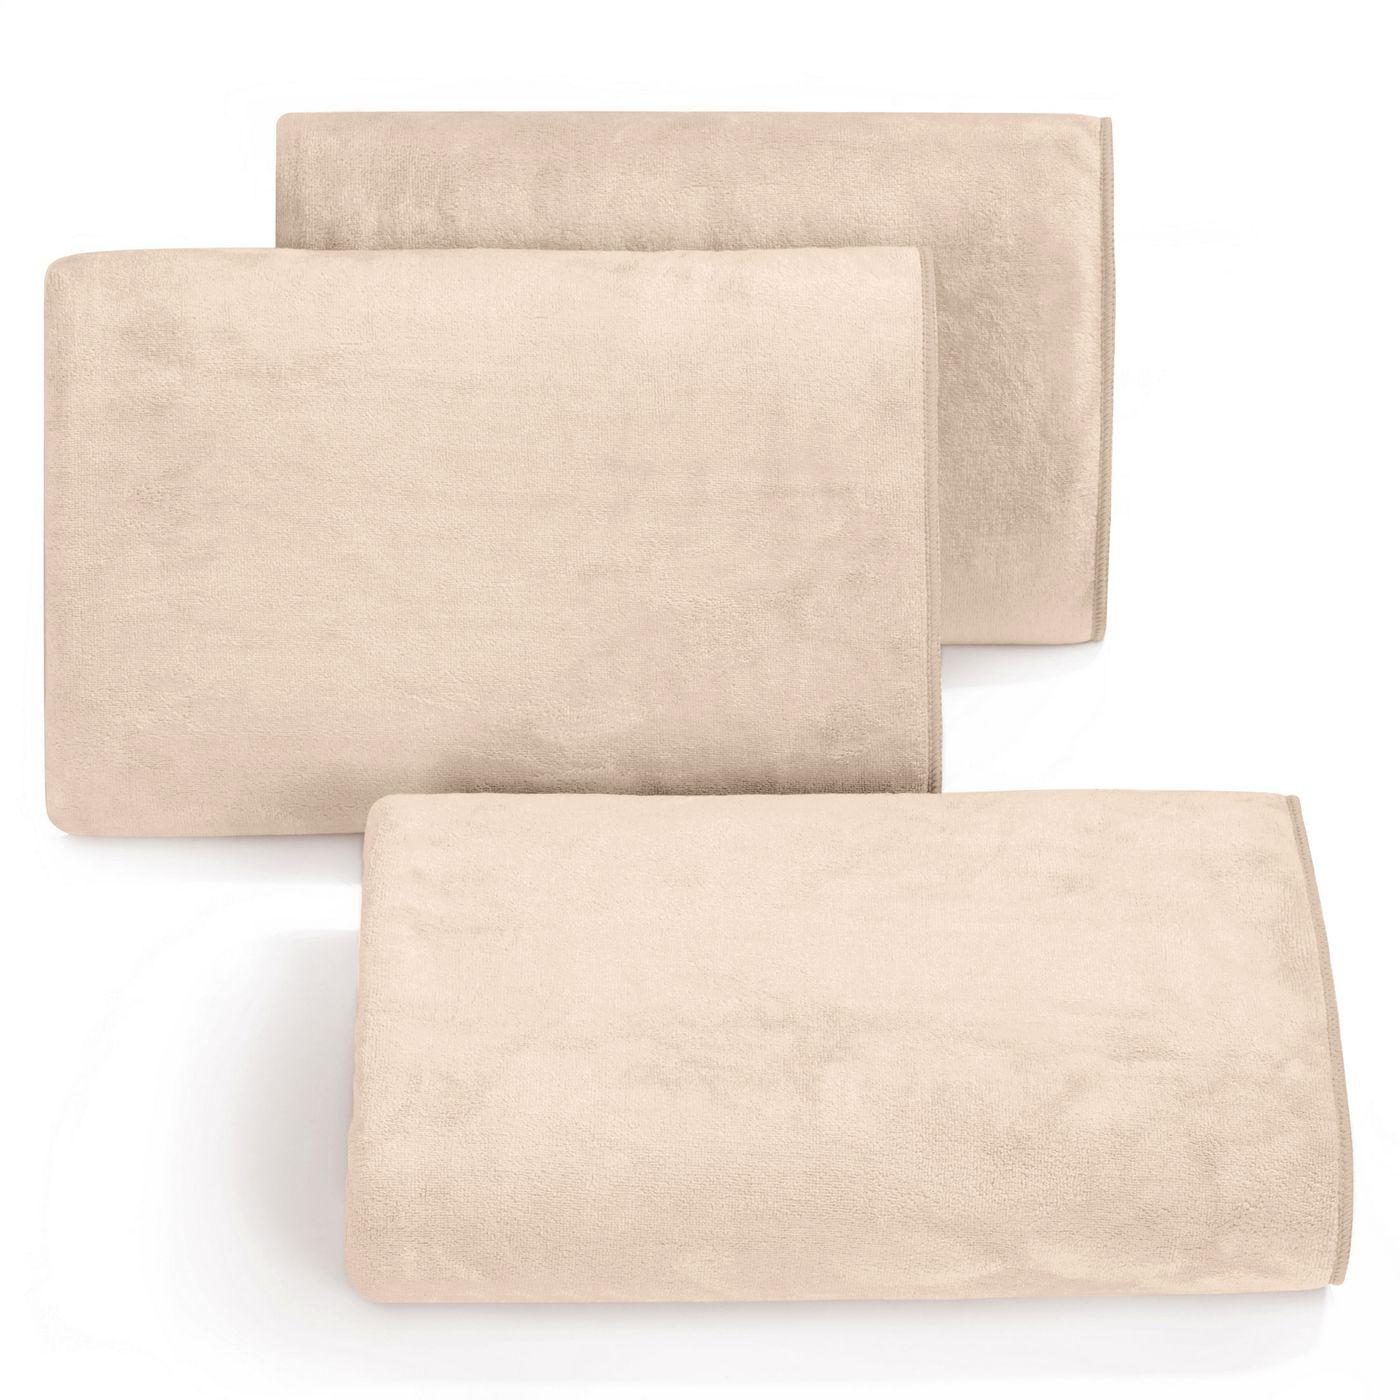 Ręcznik z mikrofibry szybkoschnący beżowy 30x30cm